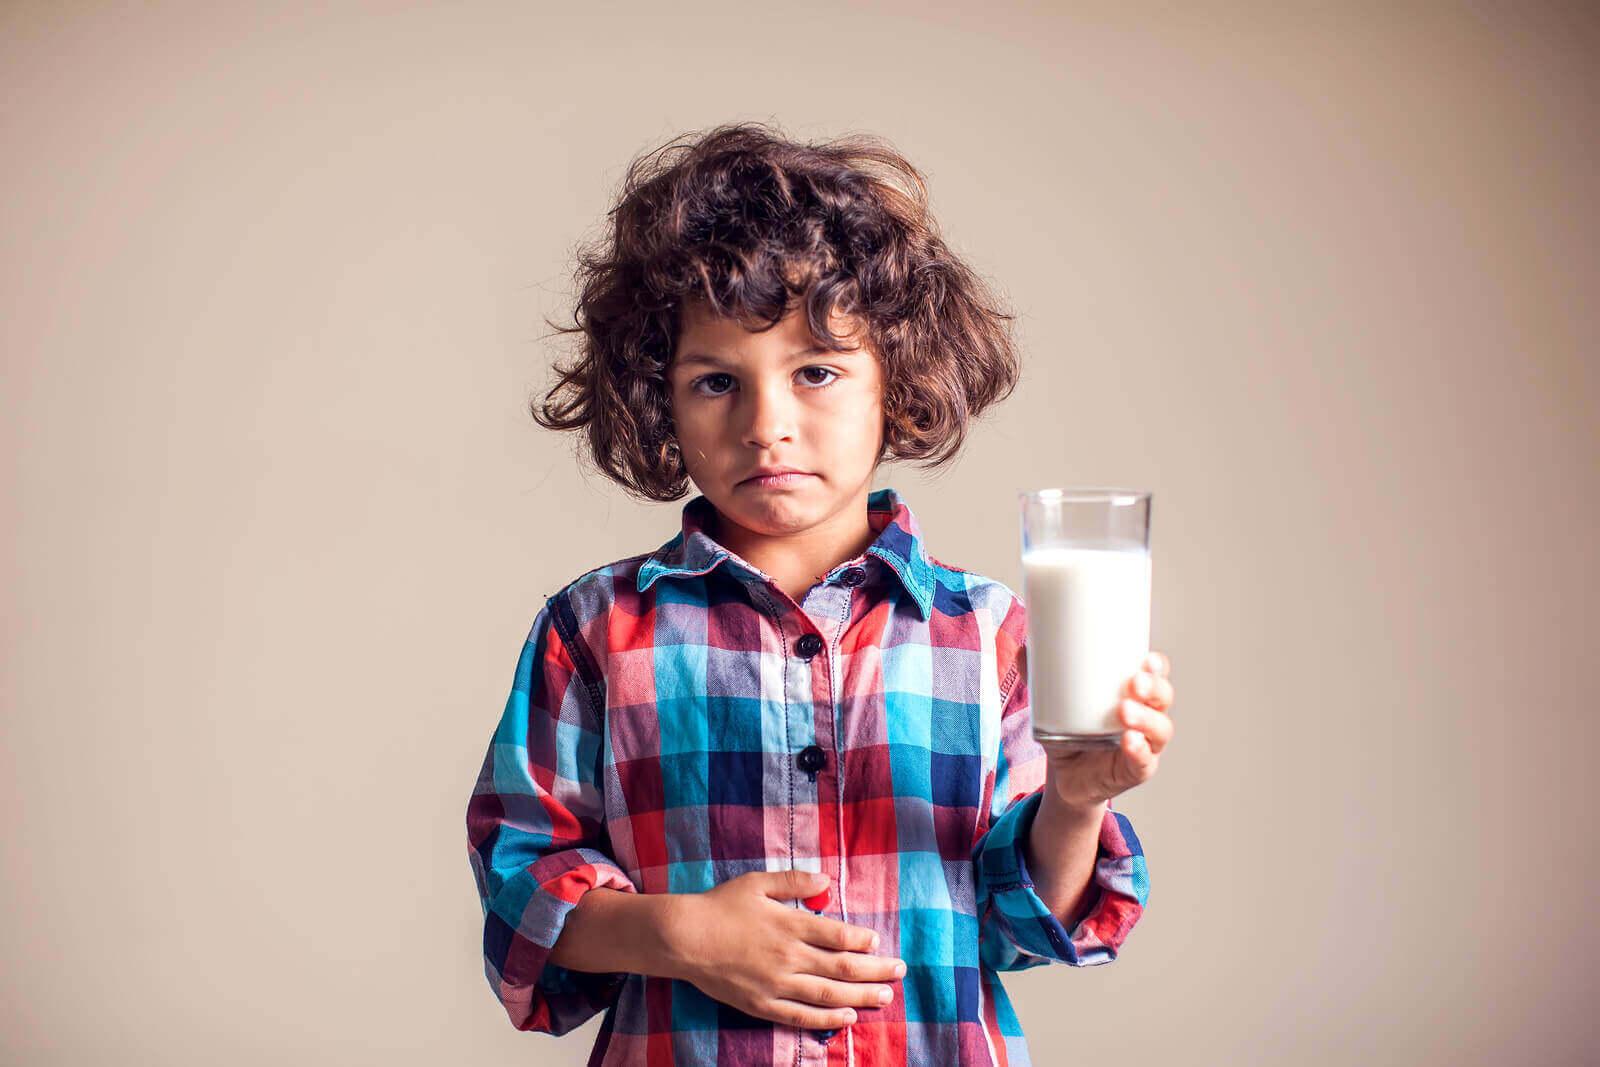 Kumelkeproteinallergi hos barn